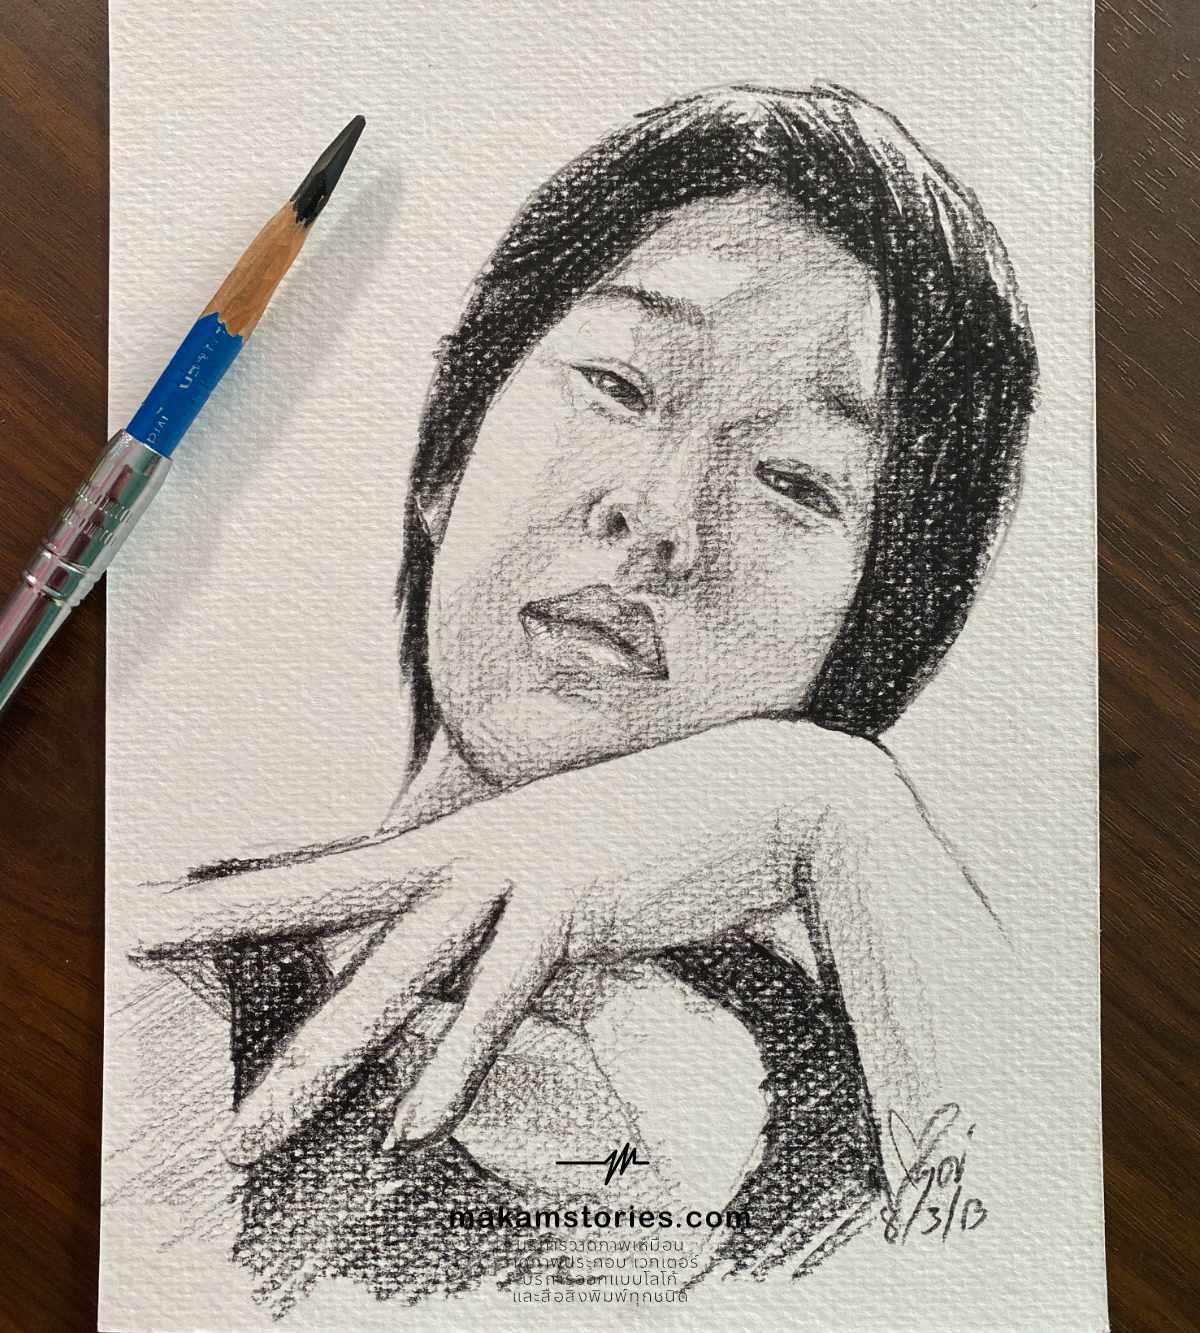 วาดภาพเหมือนลายเส้น วาดภาพดรออิ้งลายเส้นดินสอ Drawing Portrait